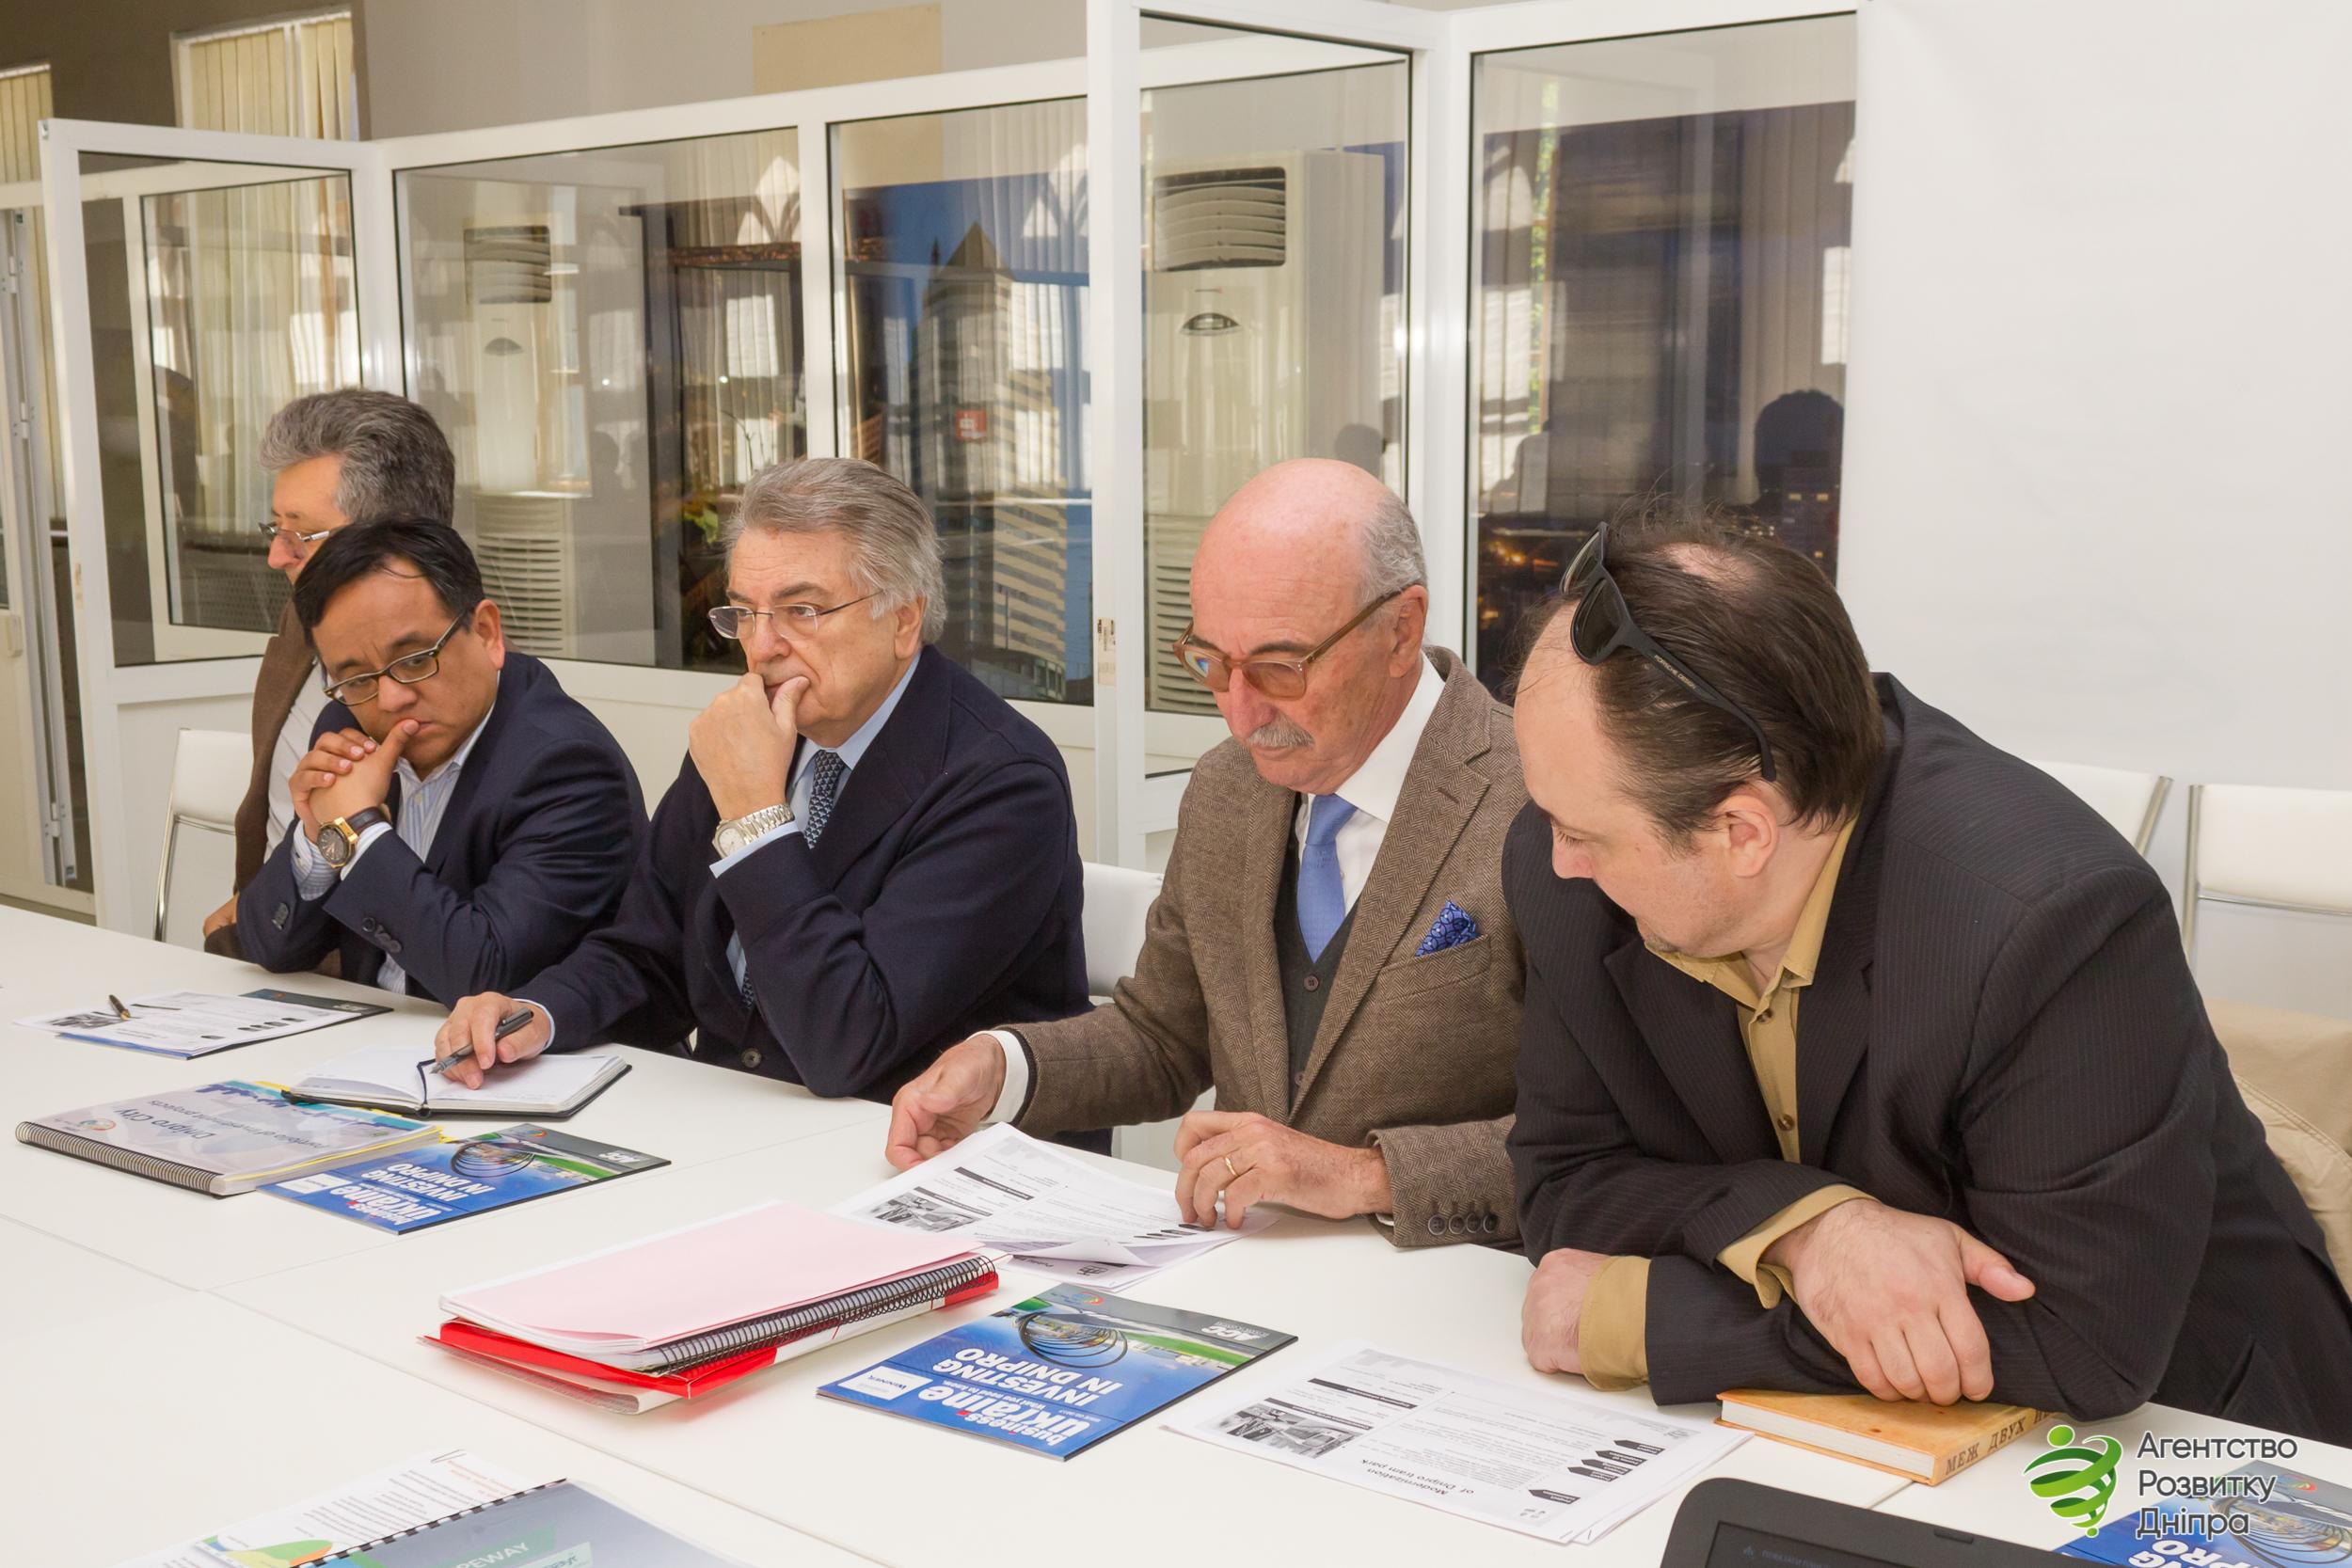 Іспанські інвестори зацікавилися інвестиційним потенціалом м.Дніпро